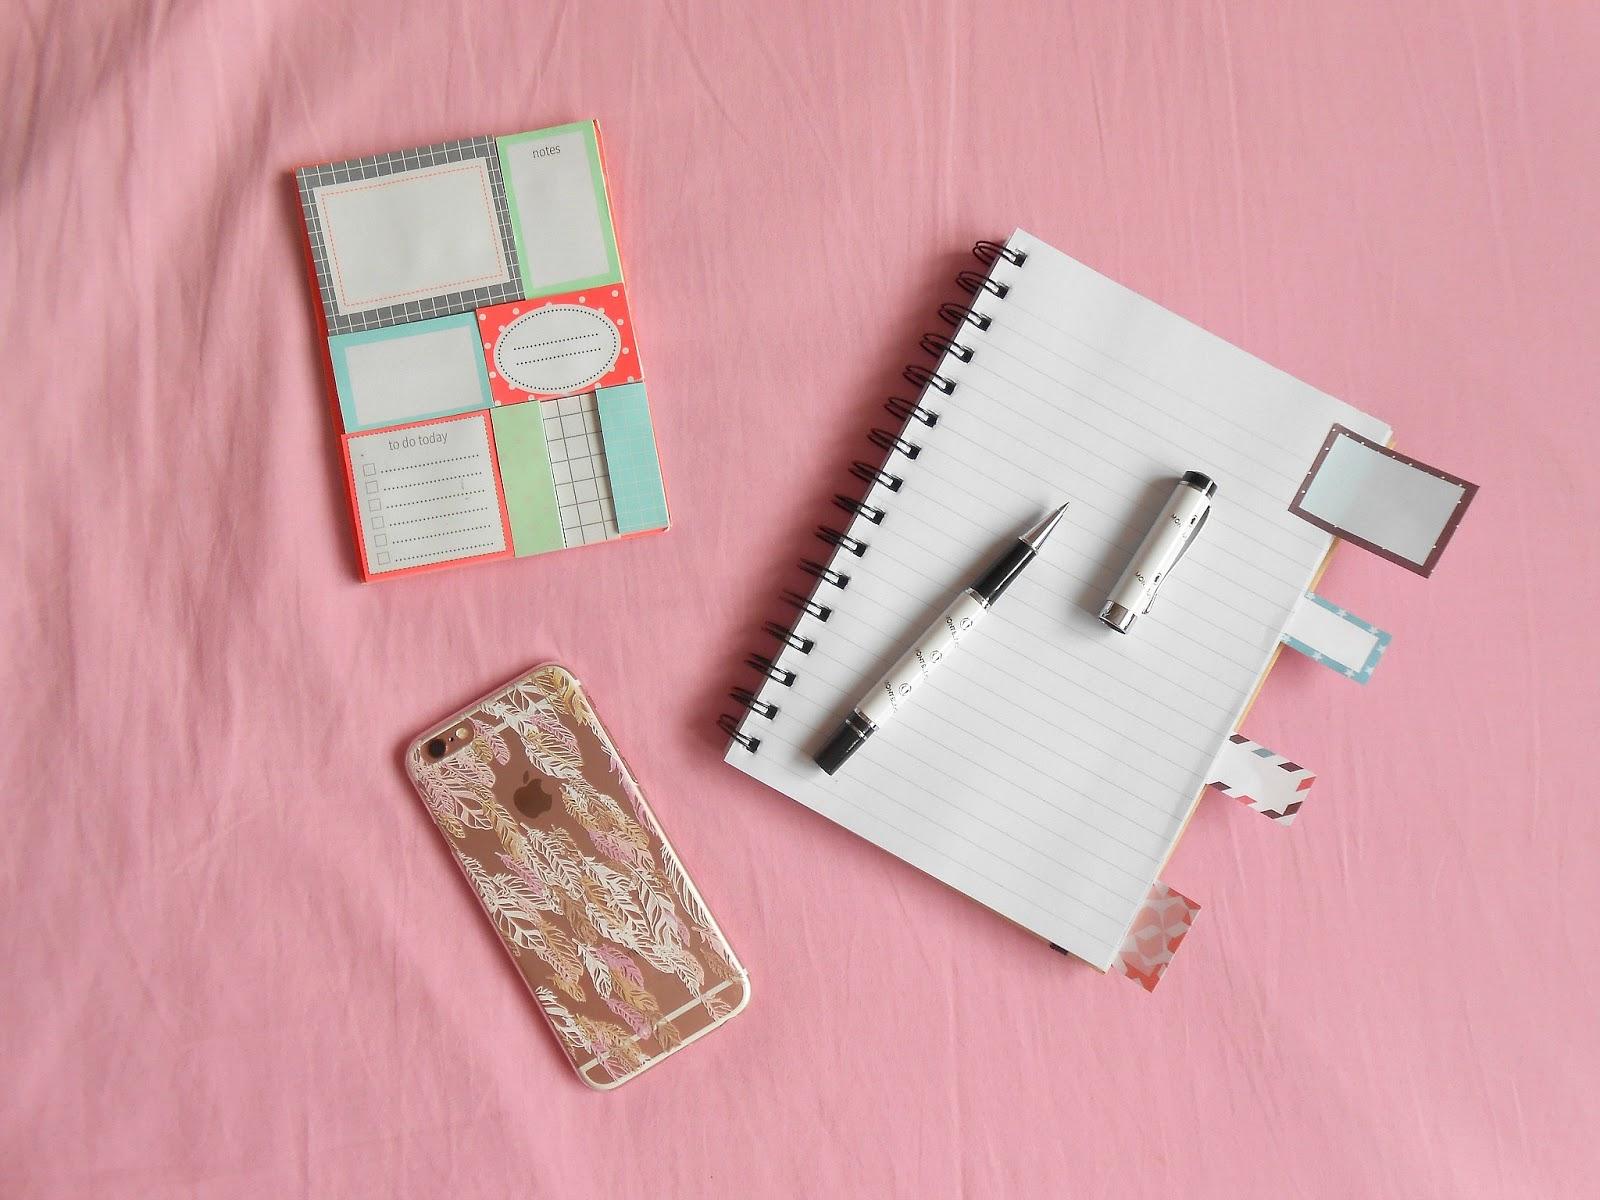 blogueuse toulousaine, mon expérience